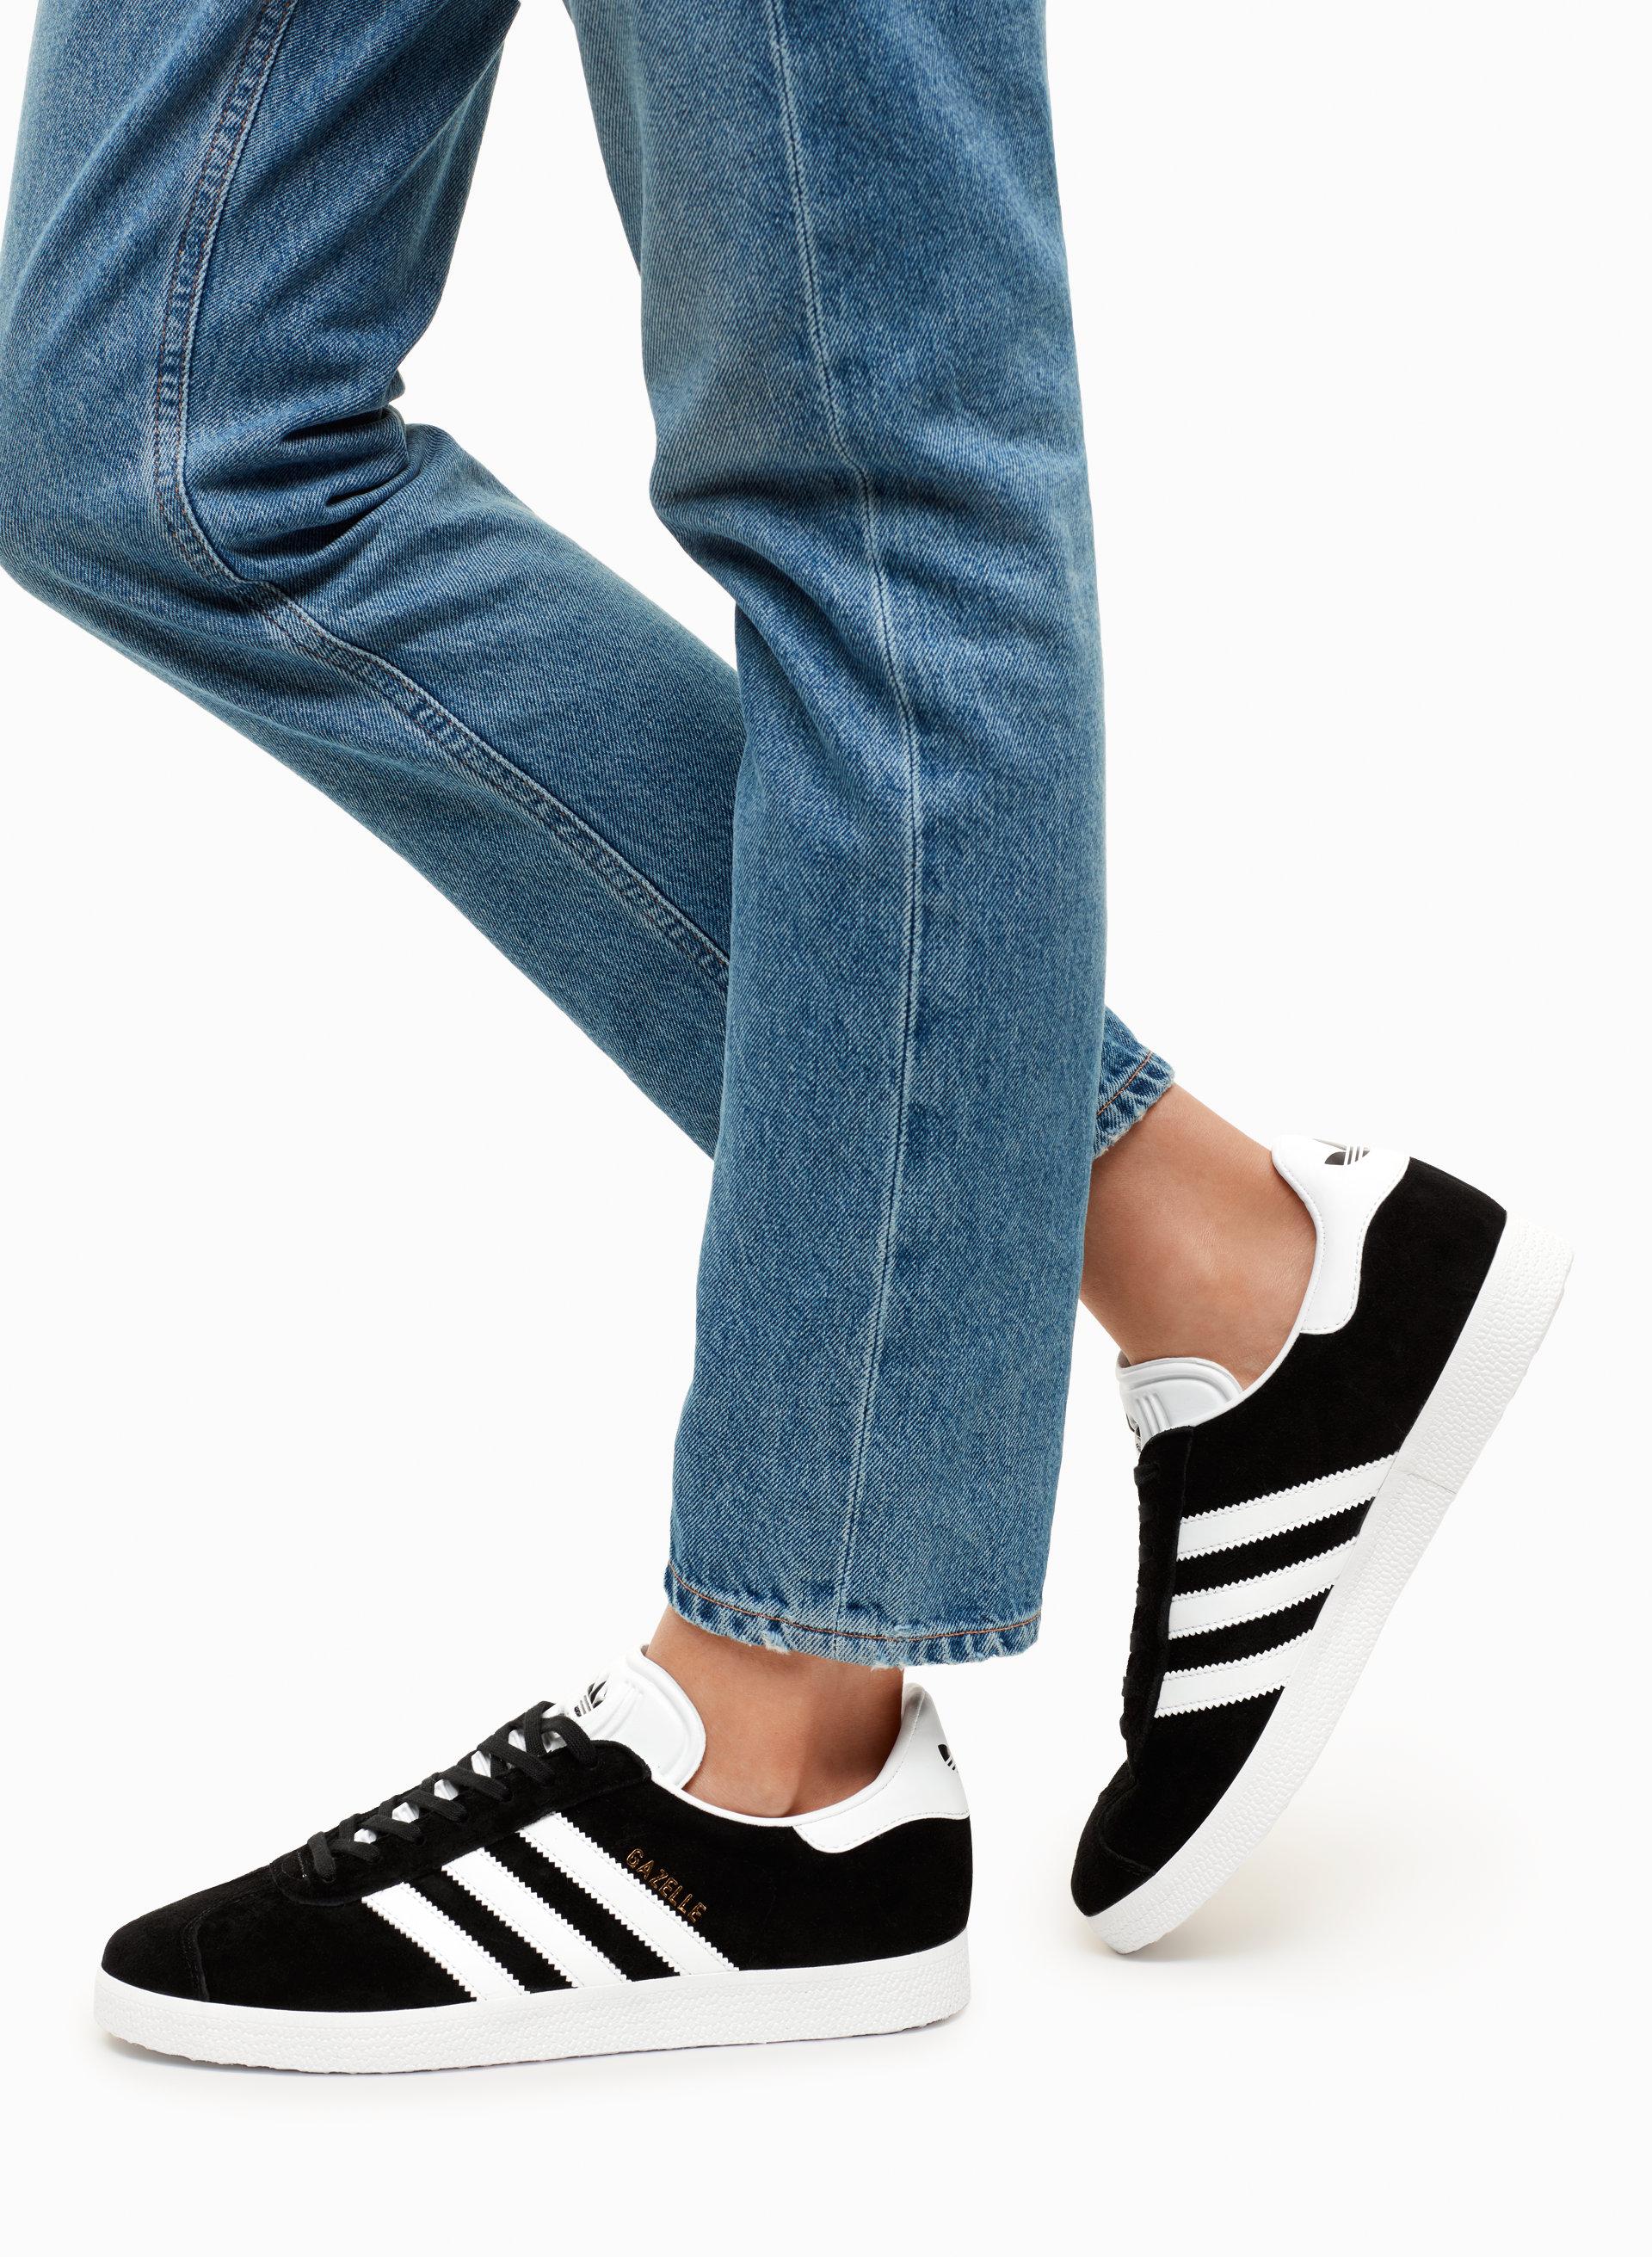 adidas gazelle without socks